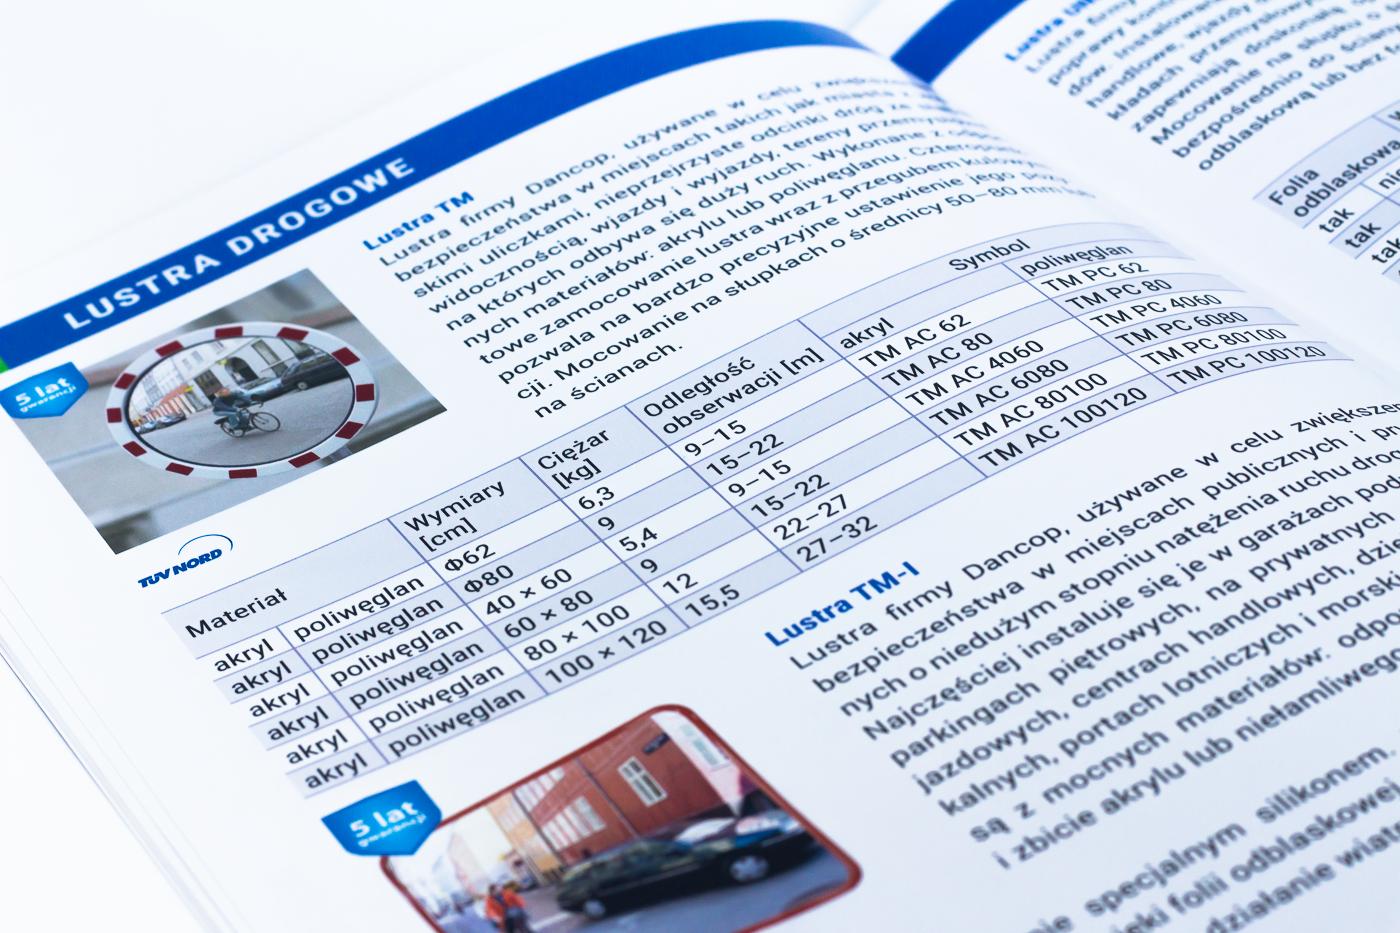 katalog produktowy tabelki